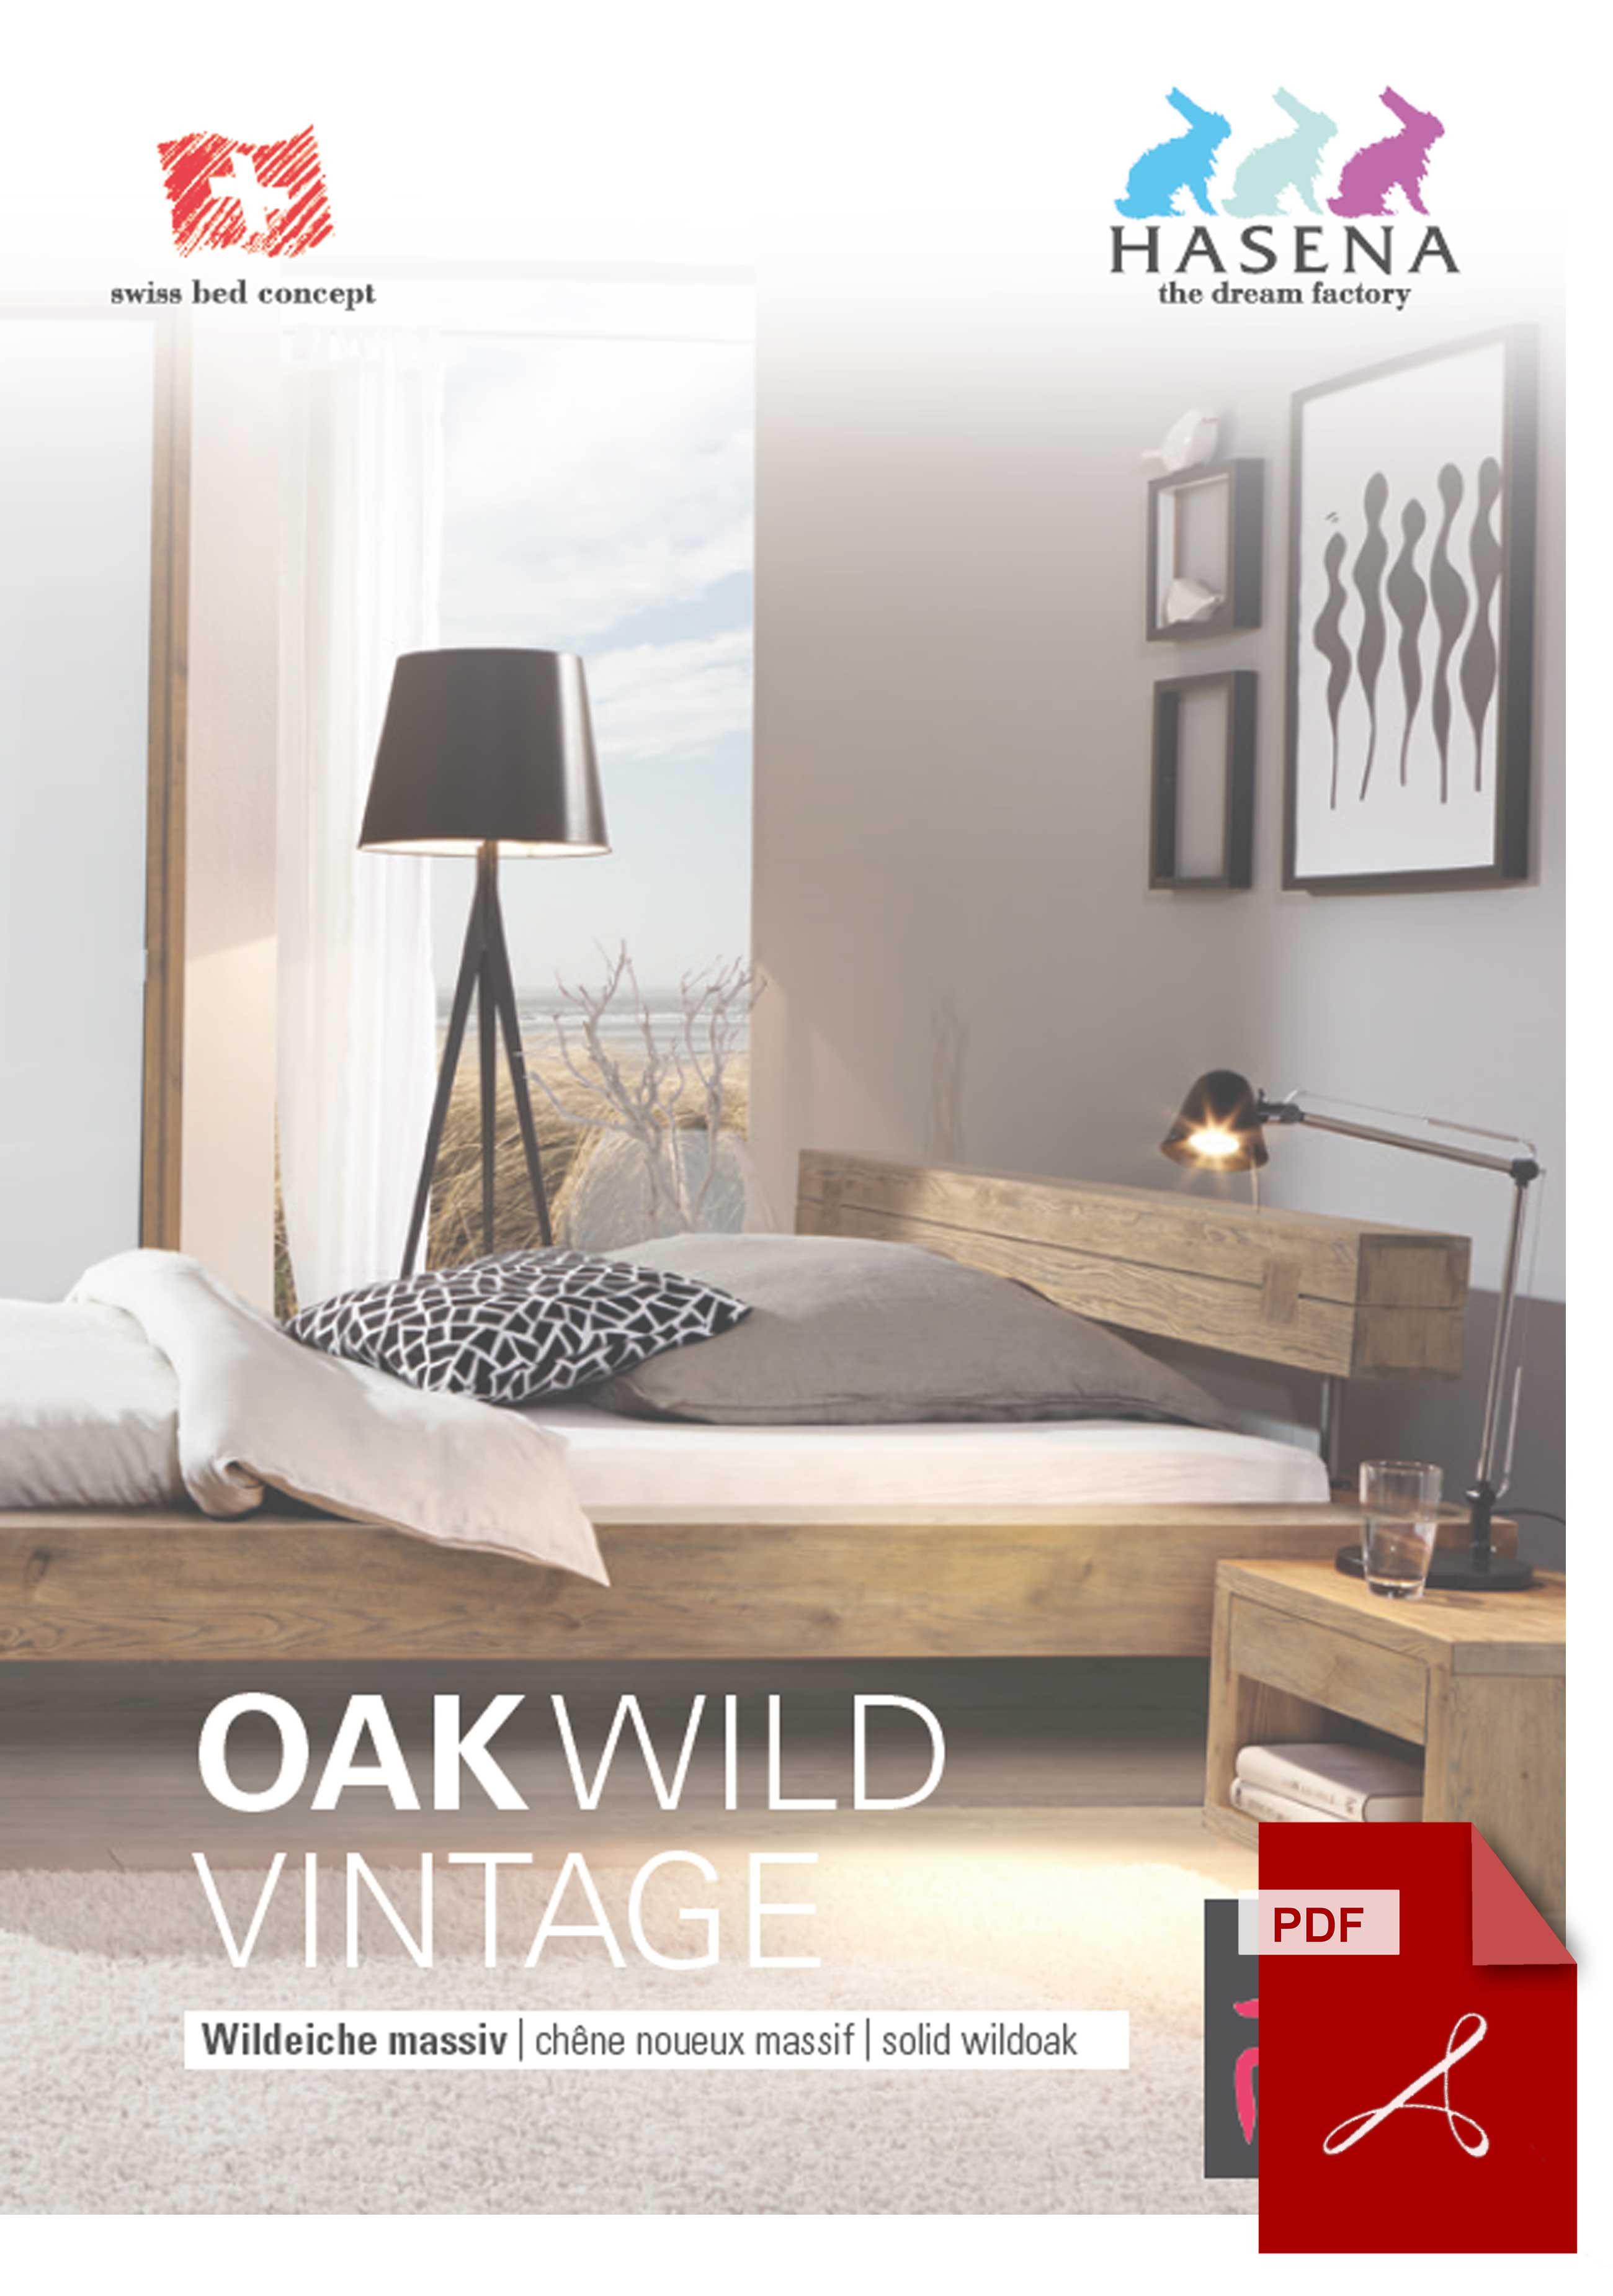 Hasena Oak Wild Vintage Katalog als PDF Datei